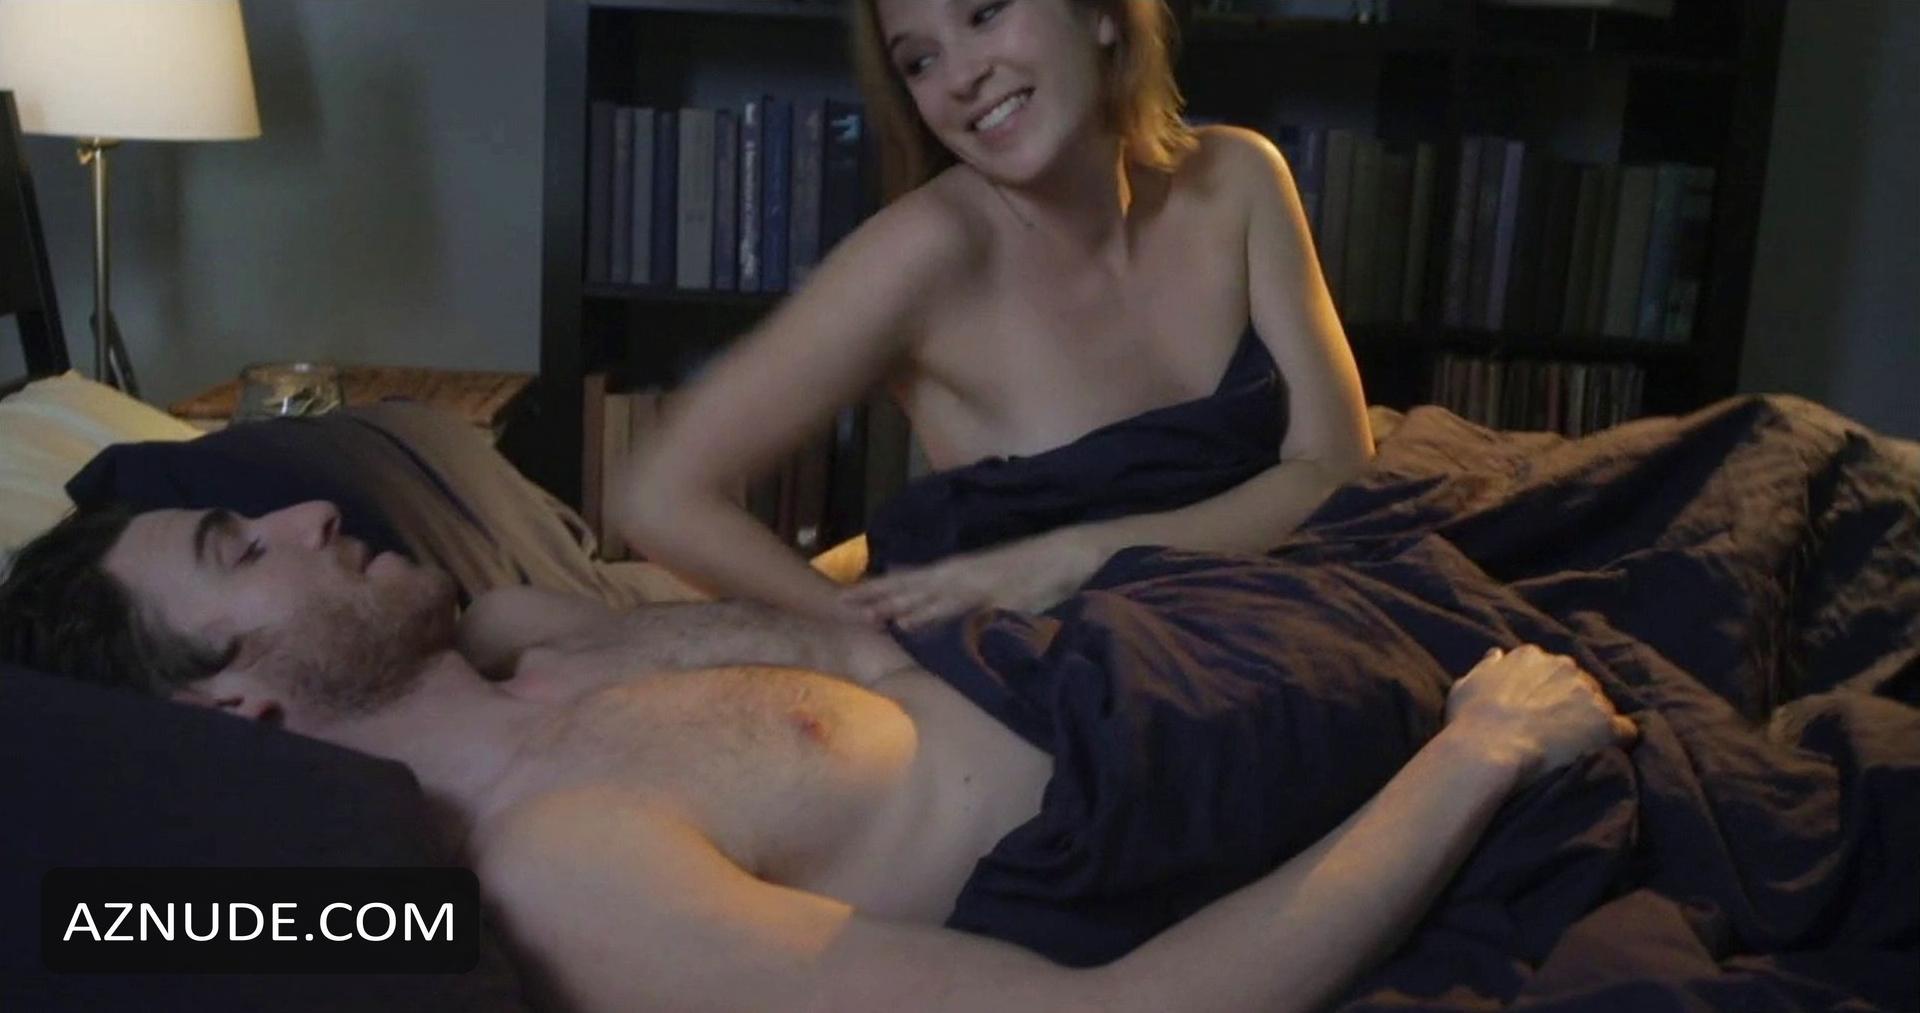 claire van der boom nude pics